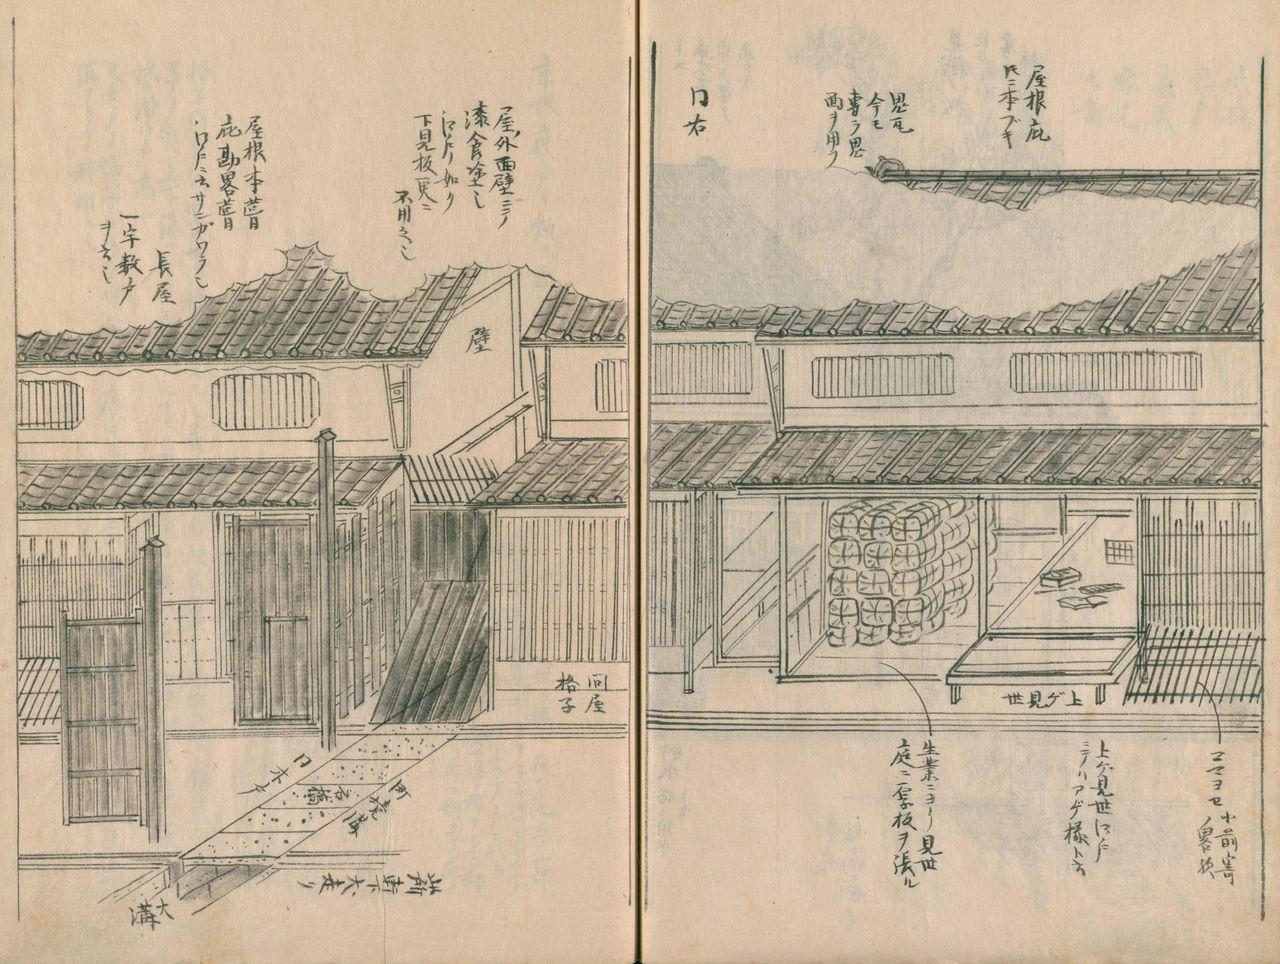 «Дом богатого торговца в Кёсака (1)». Место, где уложены тюки – это своего рода магазинная полка в Киото, называющаяся агэмисэ, характерная для магазинов Киото со времён Муромати (1336-1573);слева деревянная дверь, ведущая в комнату нагая